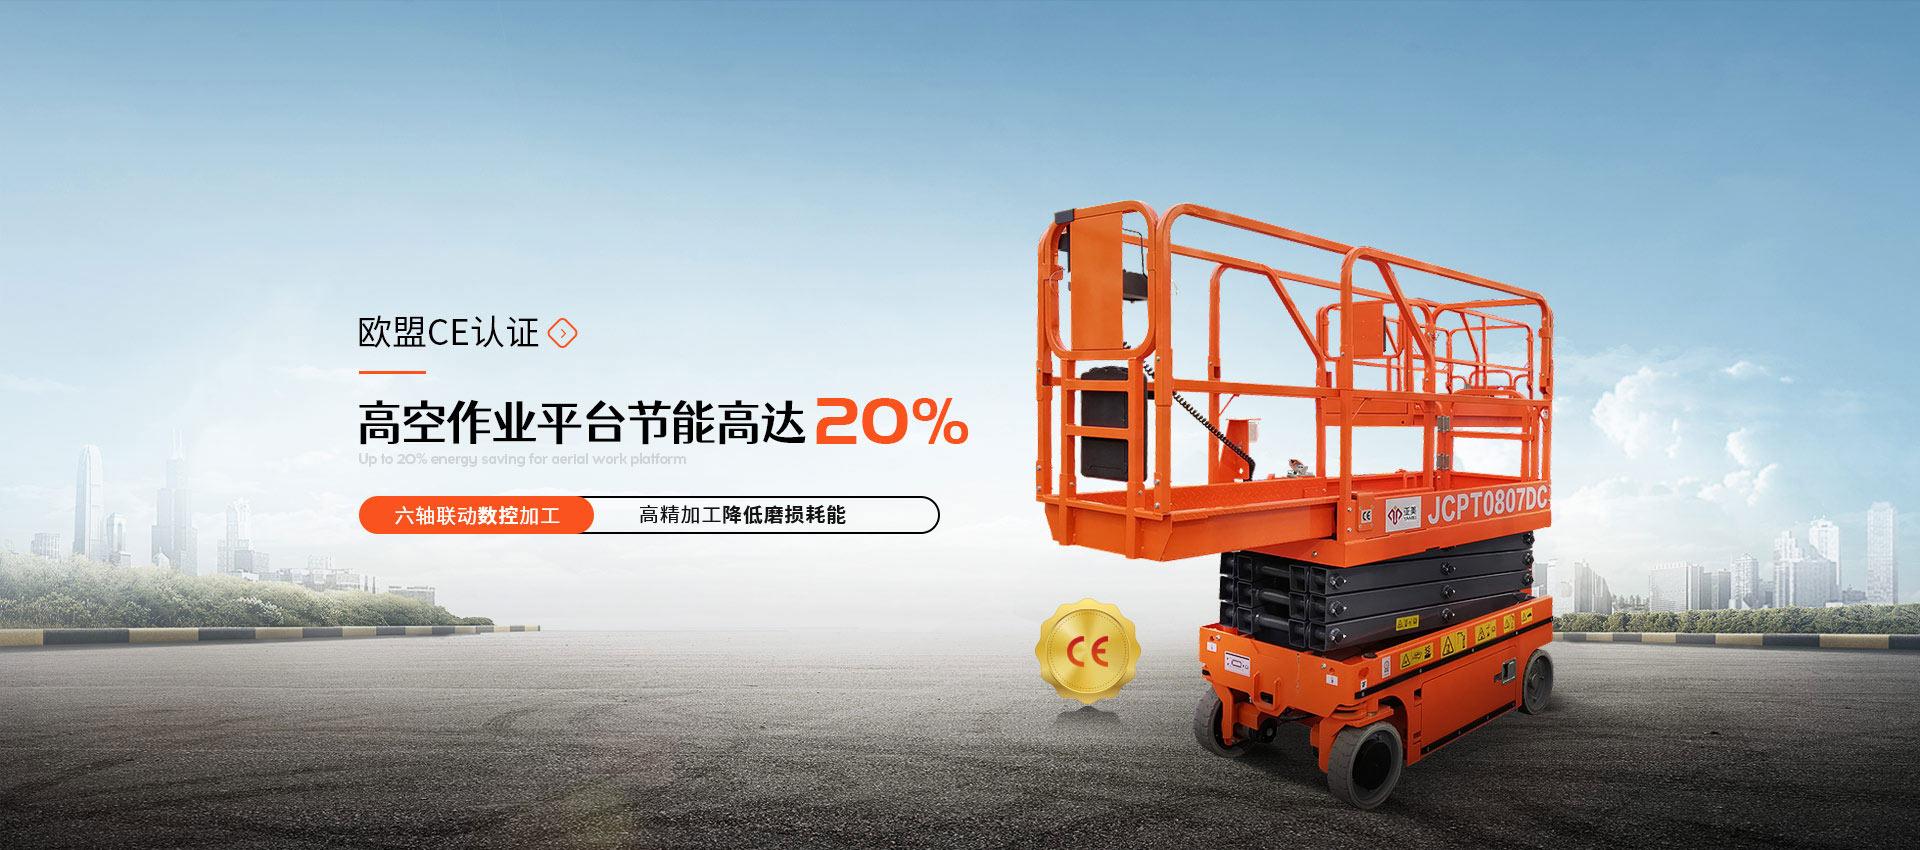 合肥亚美剪叉式高空作业平台-欧盟CE认证,高空作业平台节能高达20%